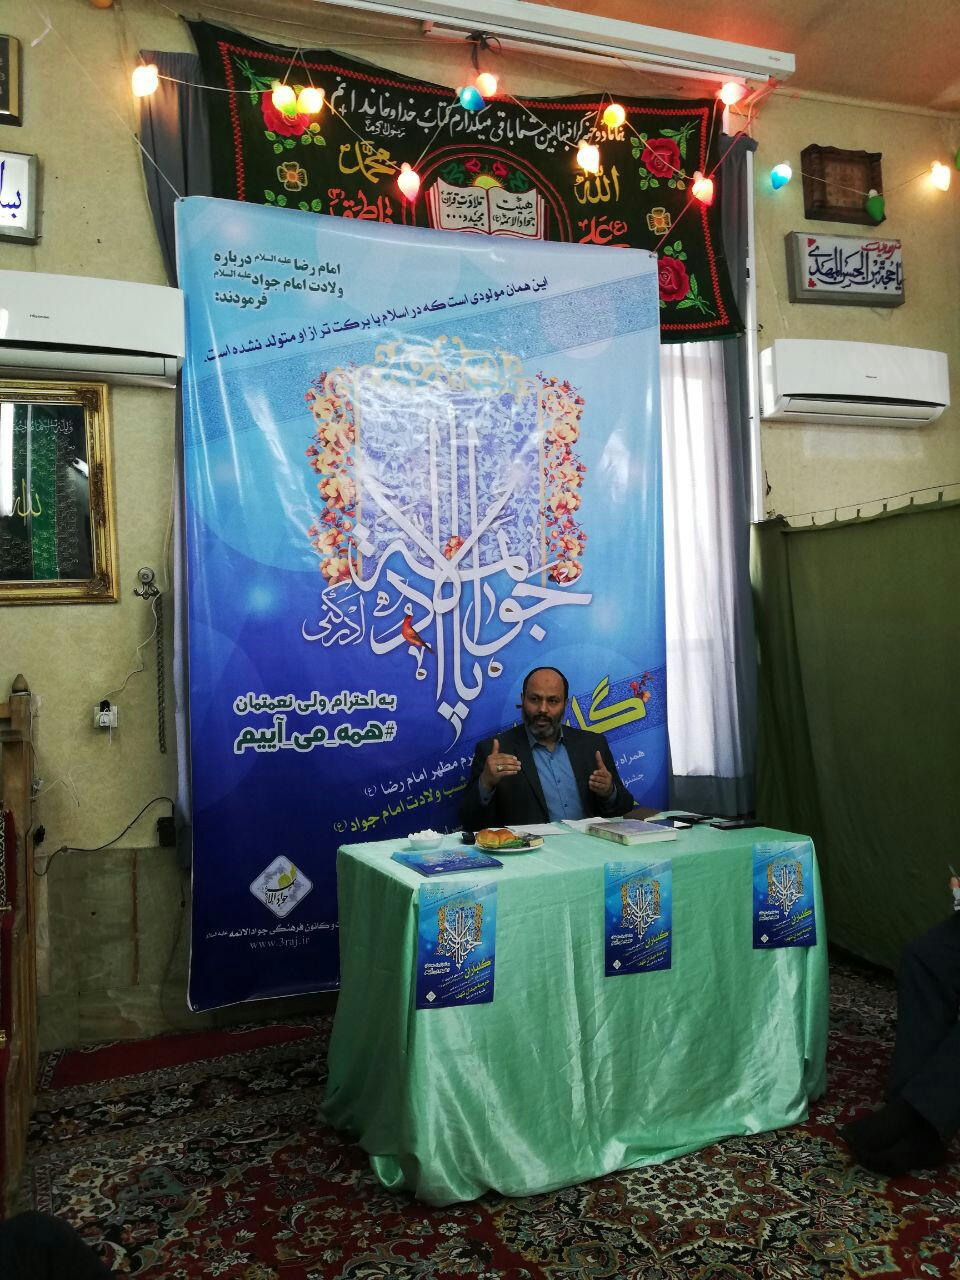 اجتماع عظیم جوادیون در مشهد برگزار می شود